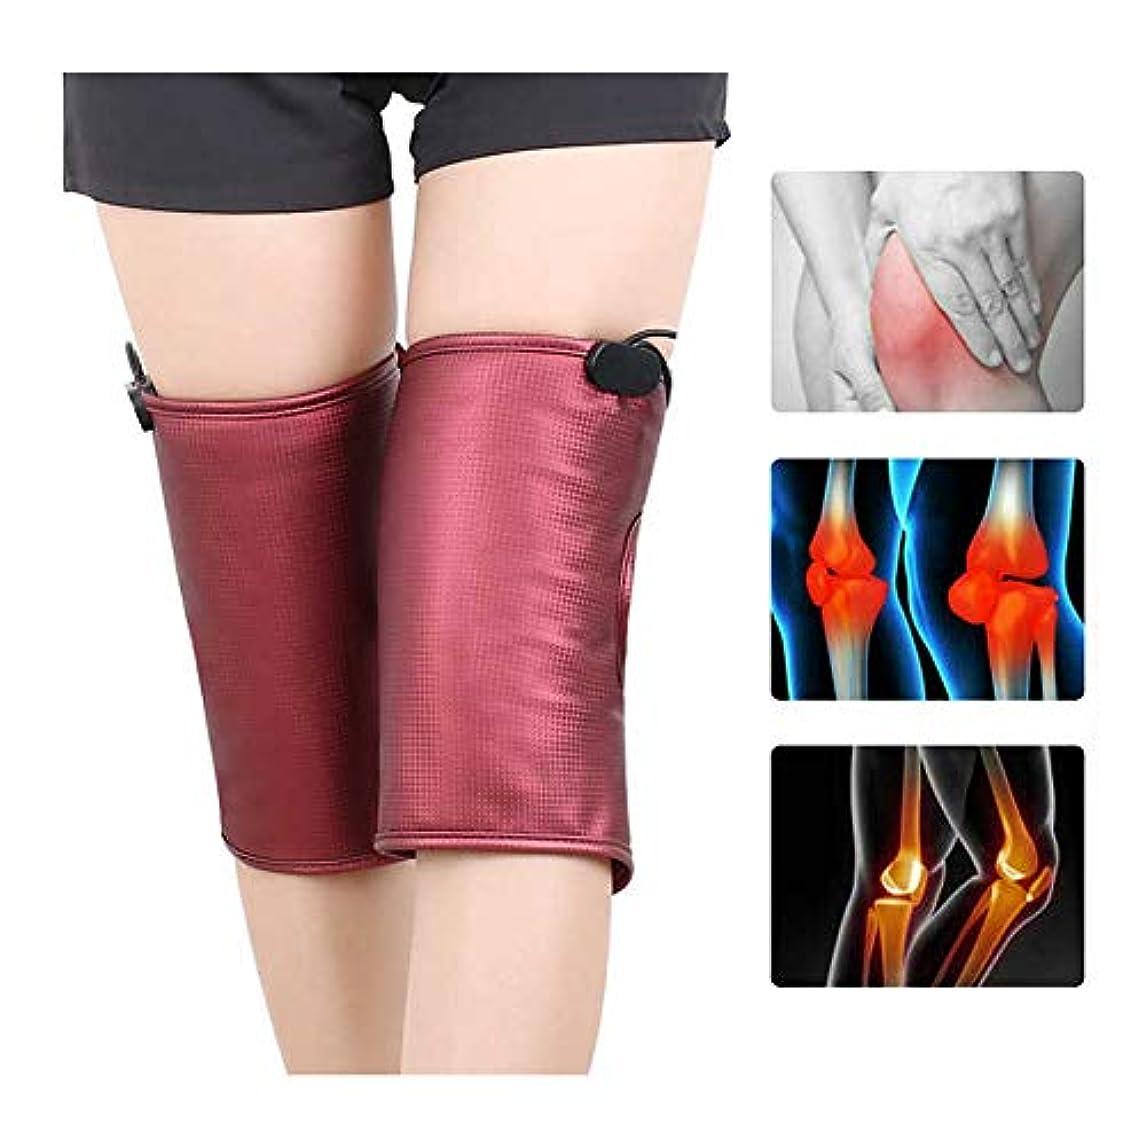 補正ライセンス気絶させる関節炎のための加熱された膝装具サポート1対加熱療法Kneepads-赤外線マッサージラップ膝の痛みの軽減